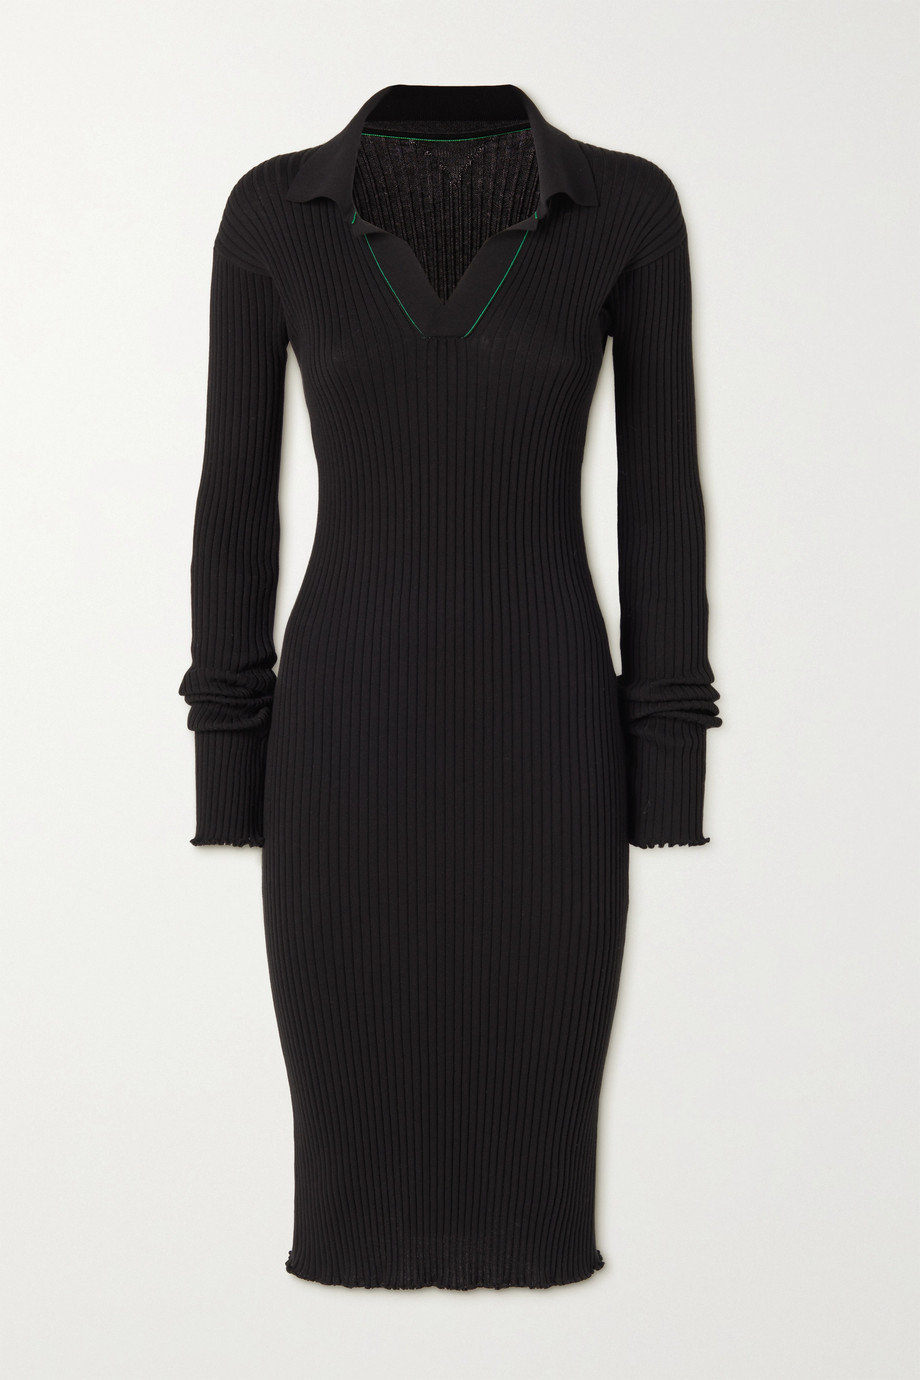 Bottega Veneta Ribbed cotton dress